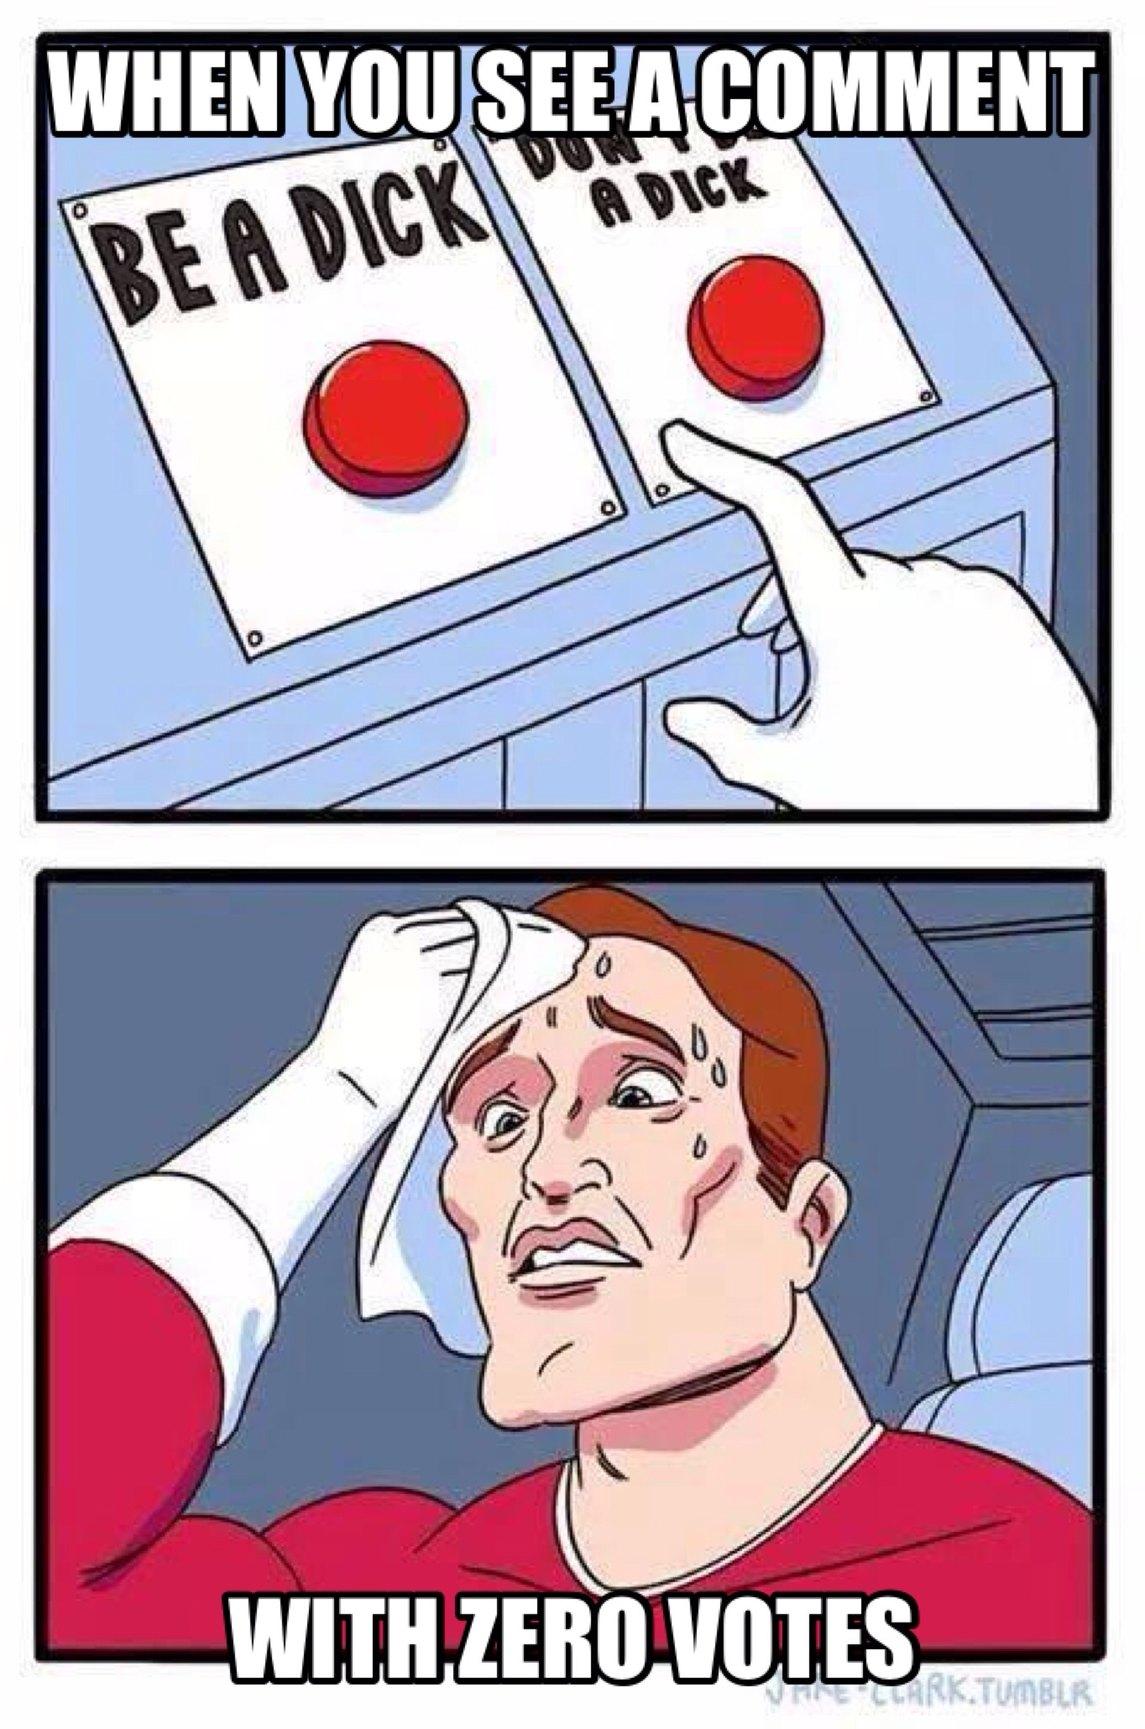 +1, or -1? - meme